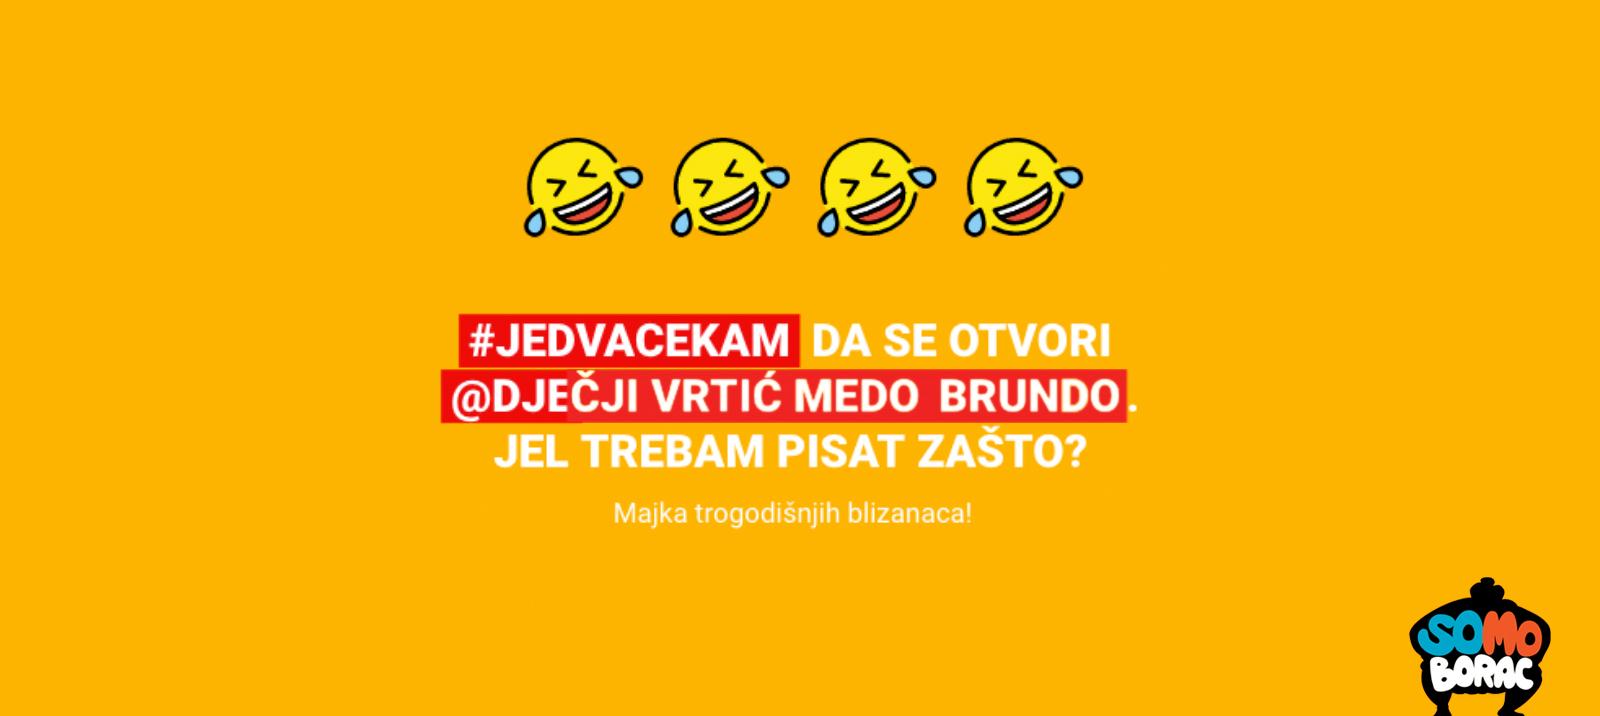 SoMo Borac nagrada za #jedvacekam